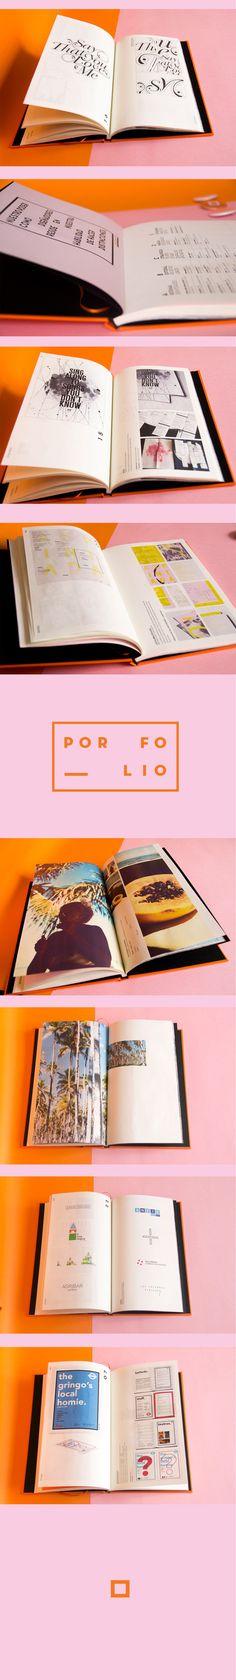 Self promotion LUC DG by Lucía Izco, via Behance